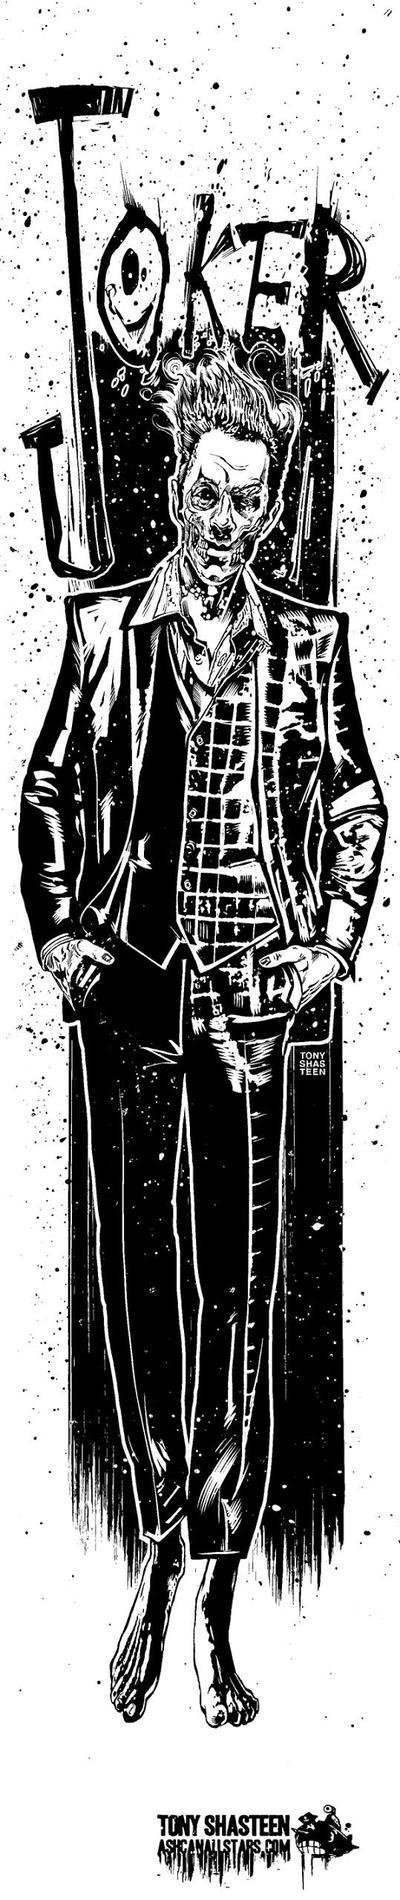 The Joker by Tony Shasteen by AshcanAllstars